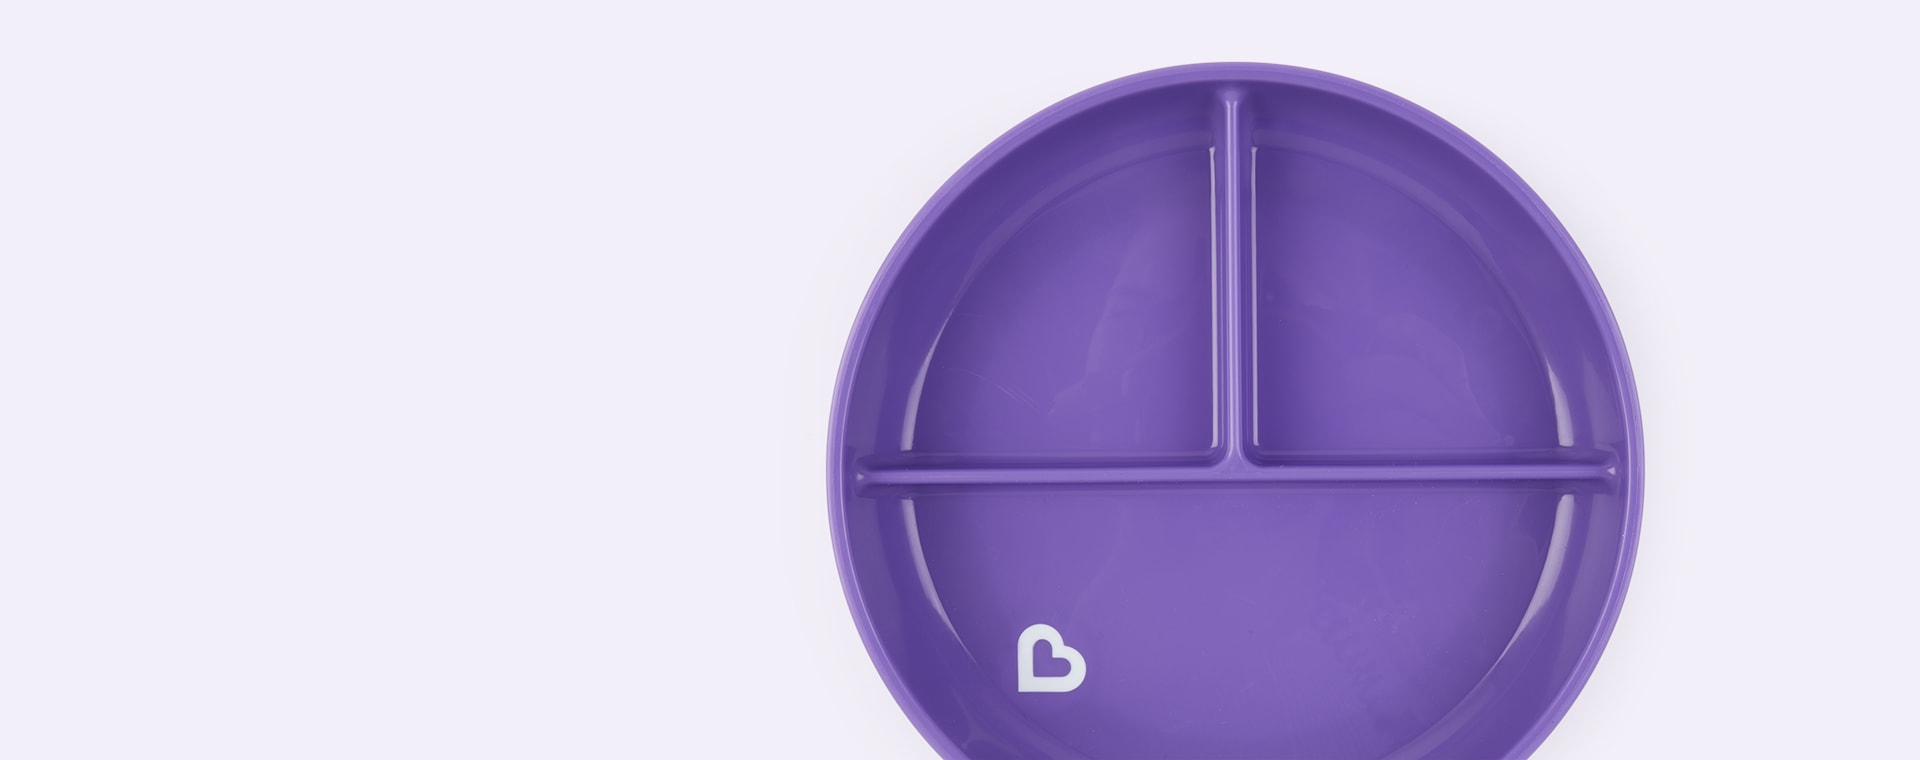 Purple Munchkin Stay Put Suction Plate